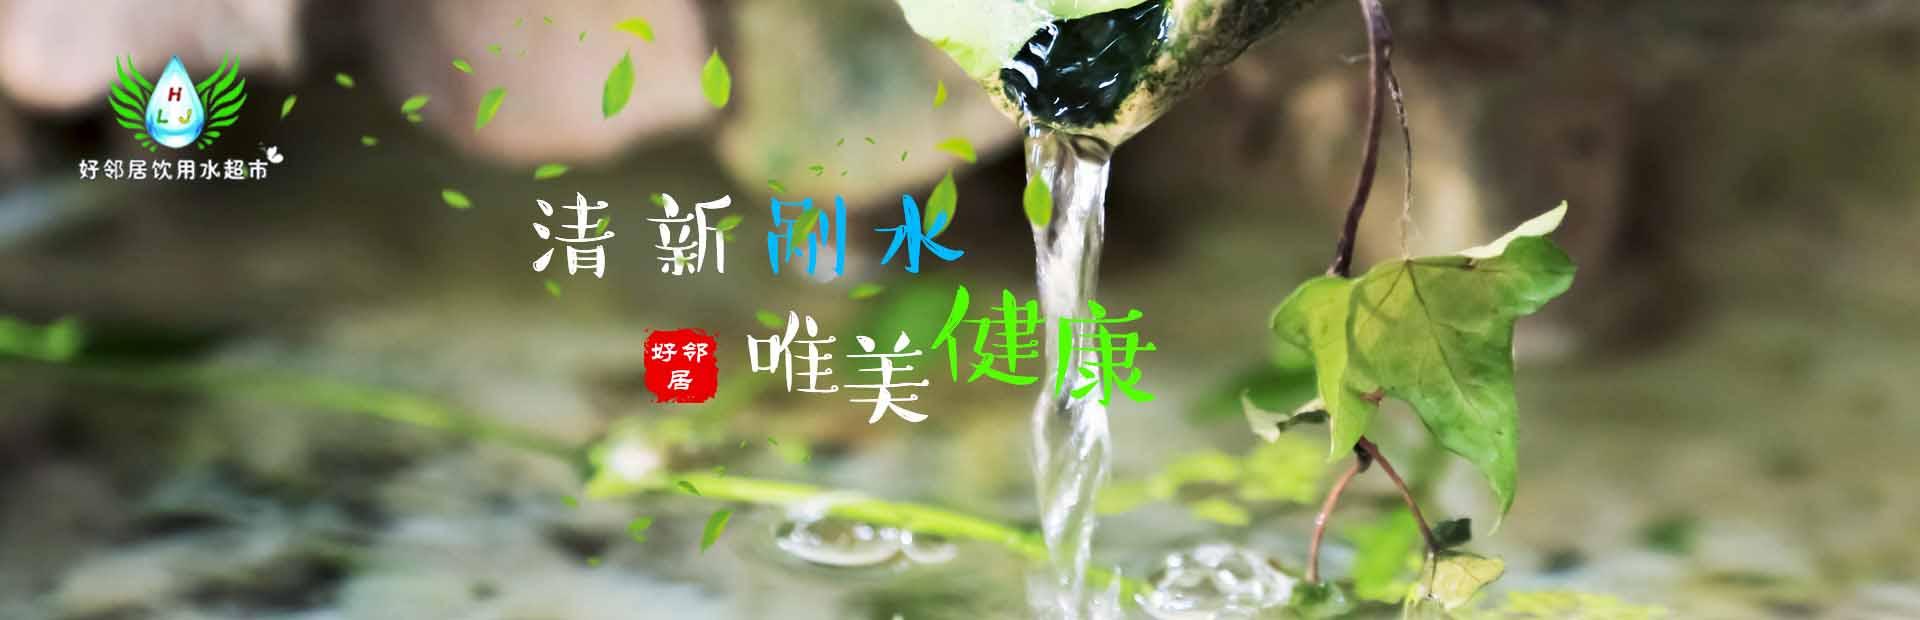 邯郸市邯山区好邻居桶装水配送服务部